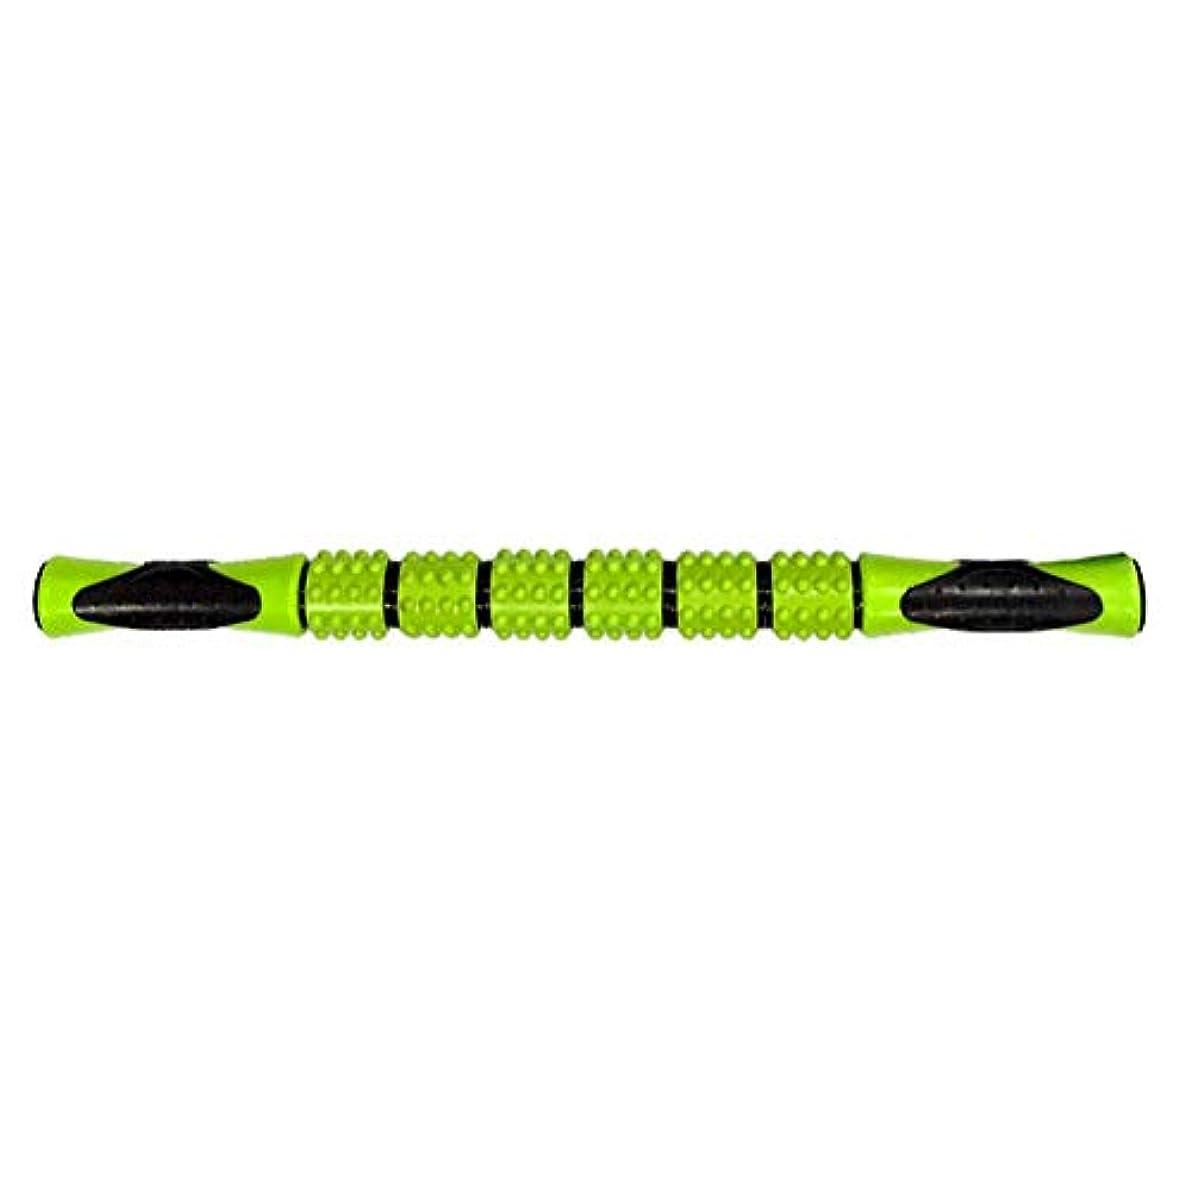 マッサージスティック 筋弛緩ローラー 腰痛 リガーポイント 筋膜 マッサージャー ト ヨガ フィットネススポーツフェイシアスティック持ち運び便利 痛を改善 筋筋膜リリース(緑色)